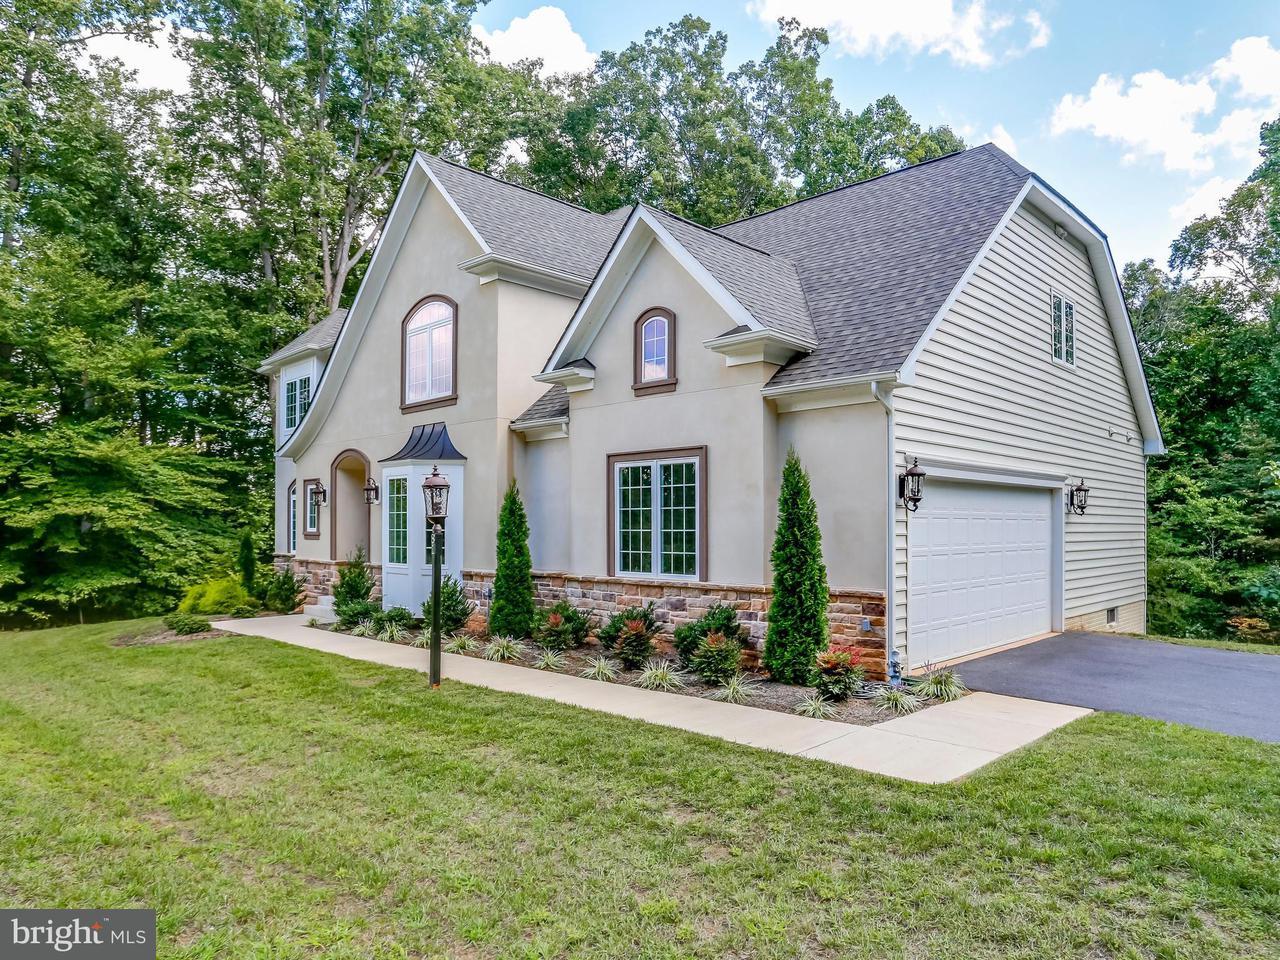 Casa Unifamiliar por un Venta en 81 KIMBERWICK Lane 81 KIMBERWICK Lane Stafford, Virginia 22556 Estados Unidos